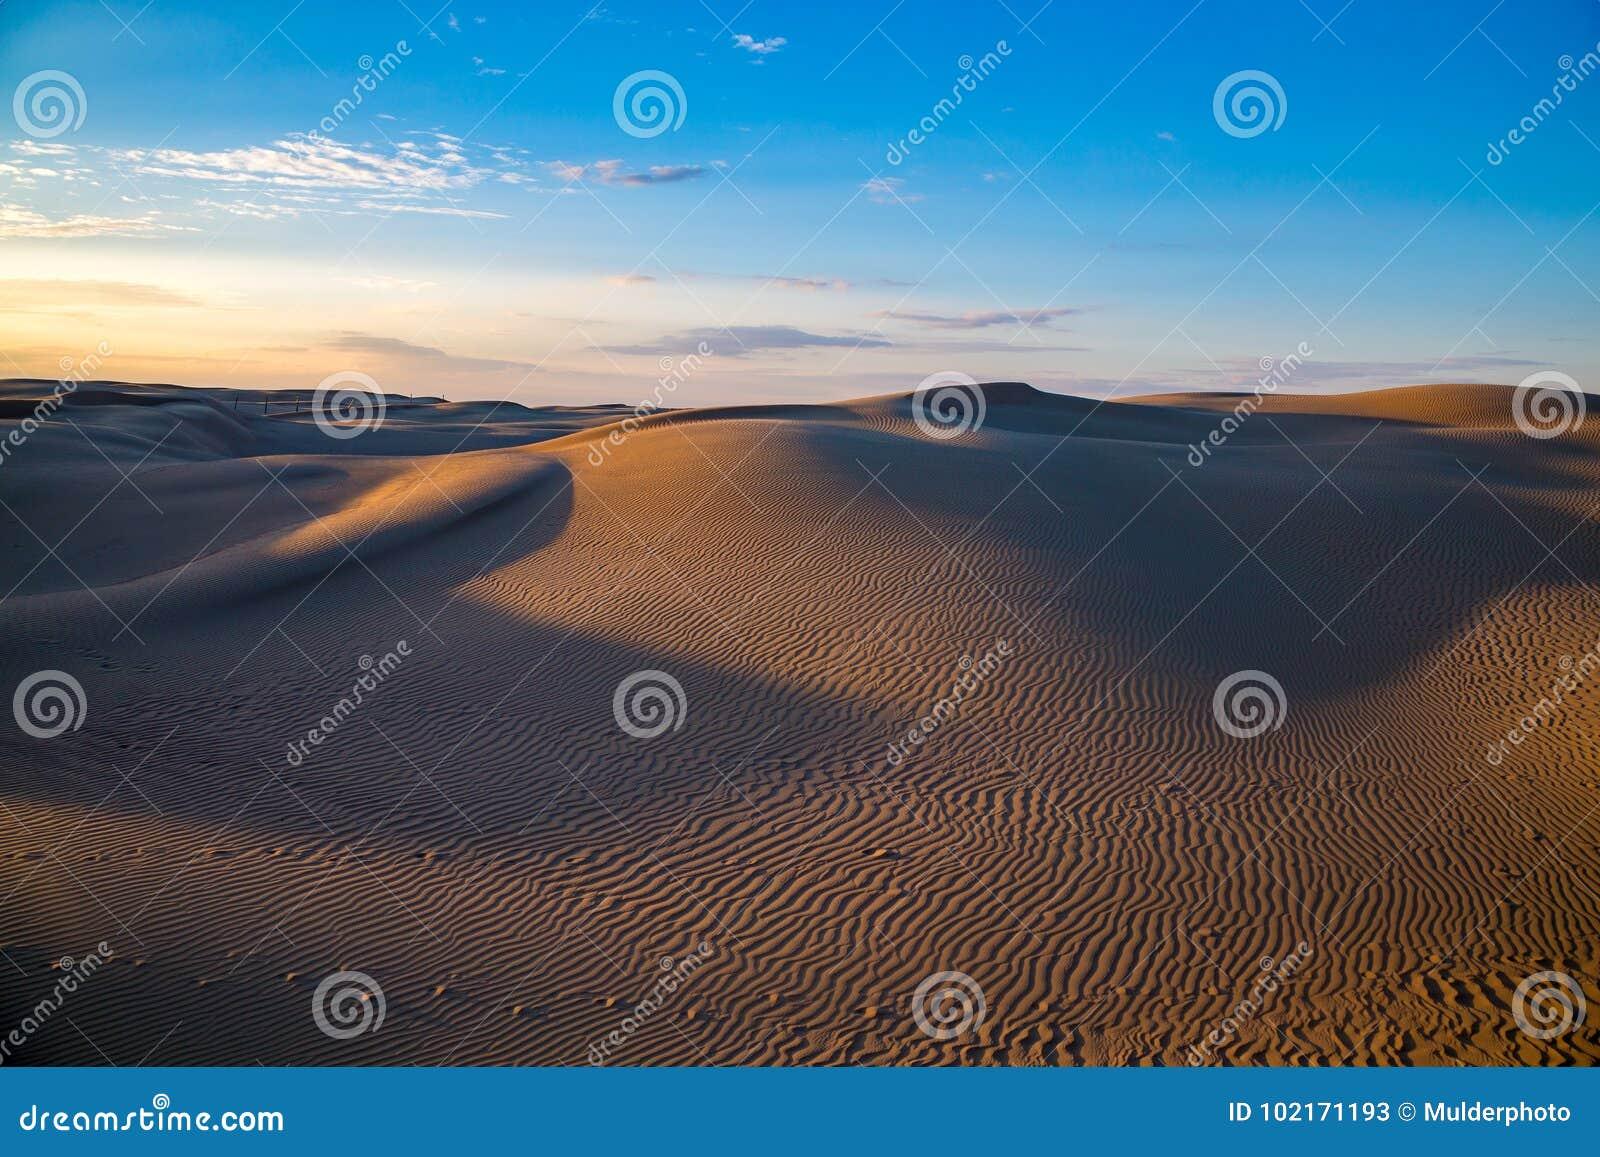 Beau paysage naturel de désert, dunes de sable sur le fond bleu de ciel de soirée